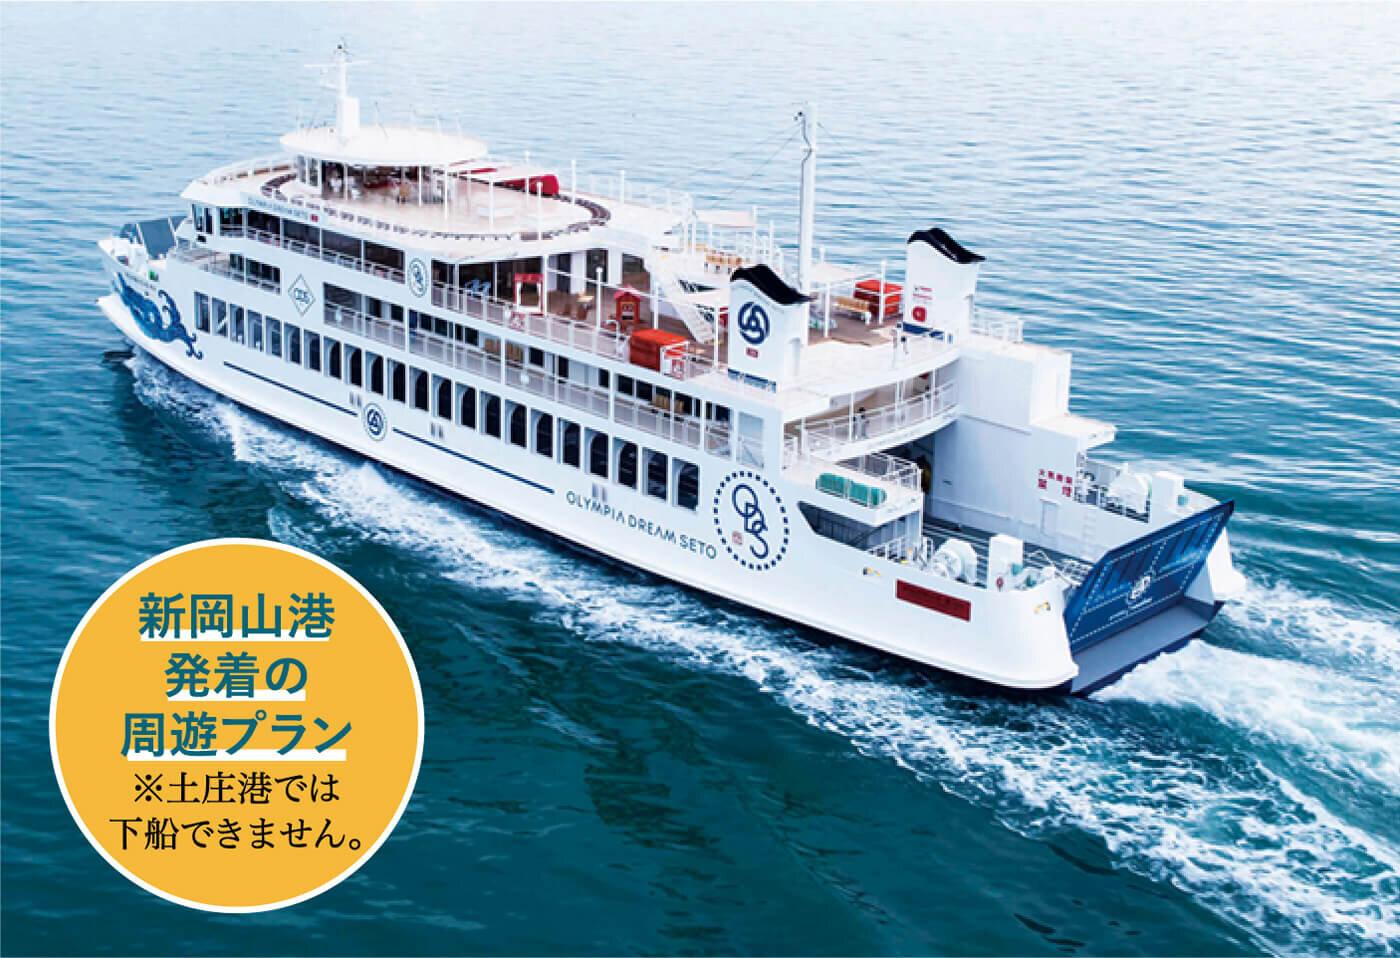 新岡山港発着の周遊プラン※土庄港では下船できません。